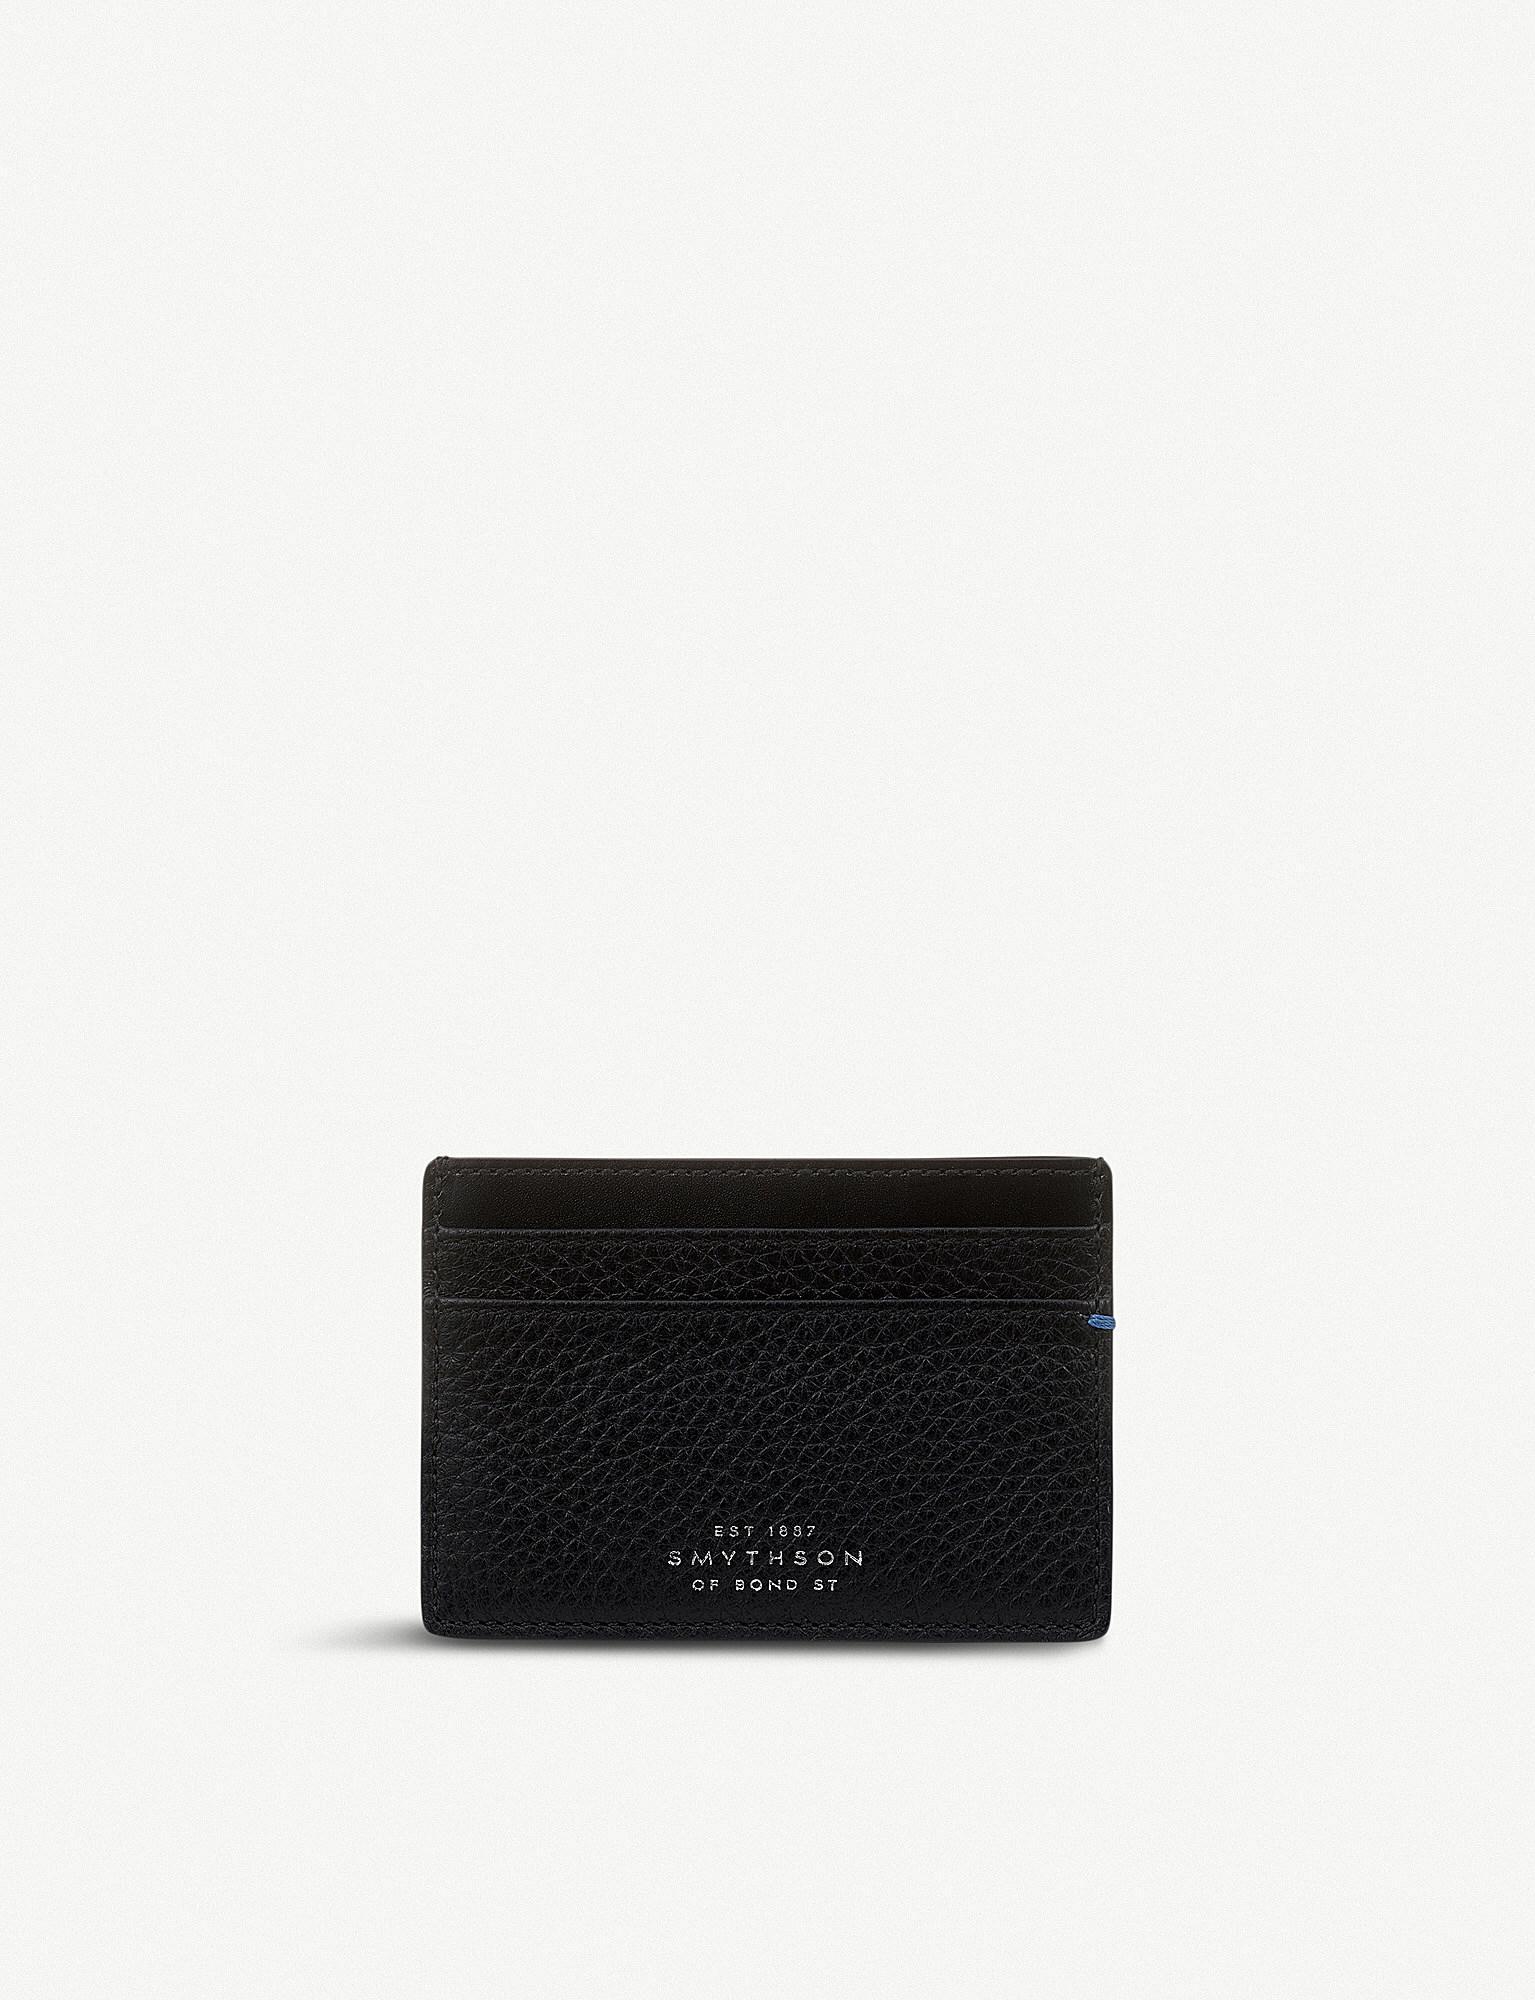 Lyst - Smythson Burlington Leather Card Holder in Black for Men